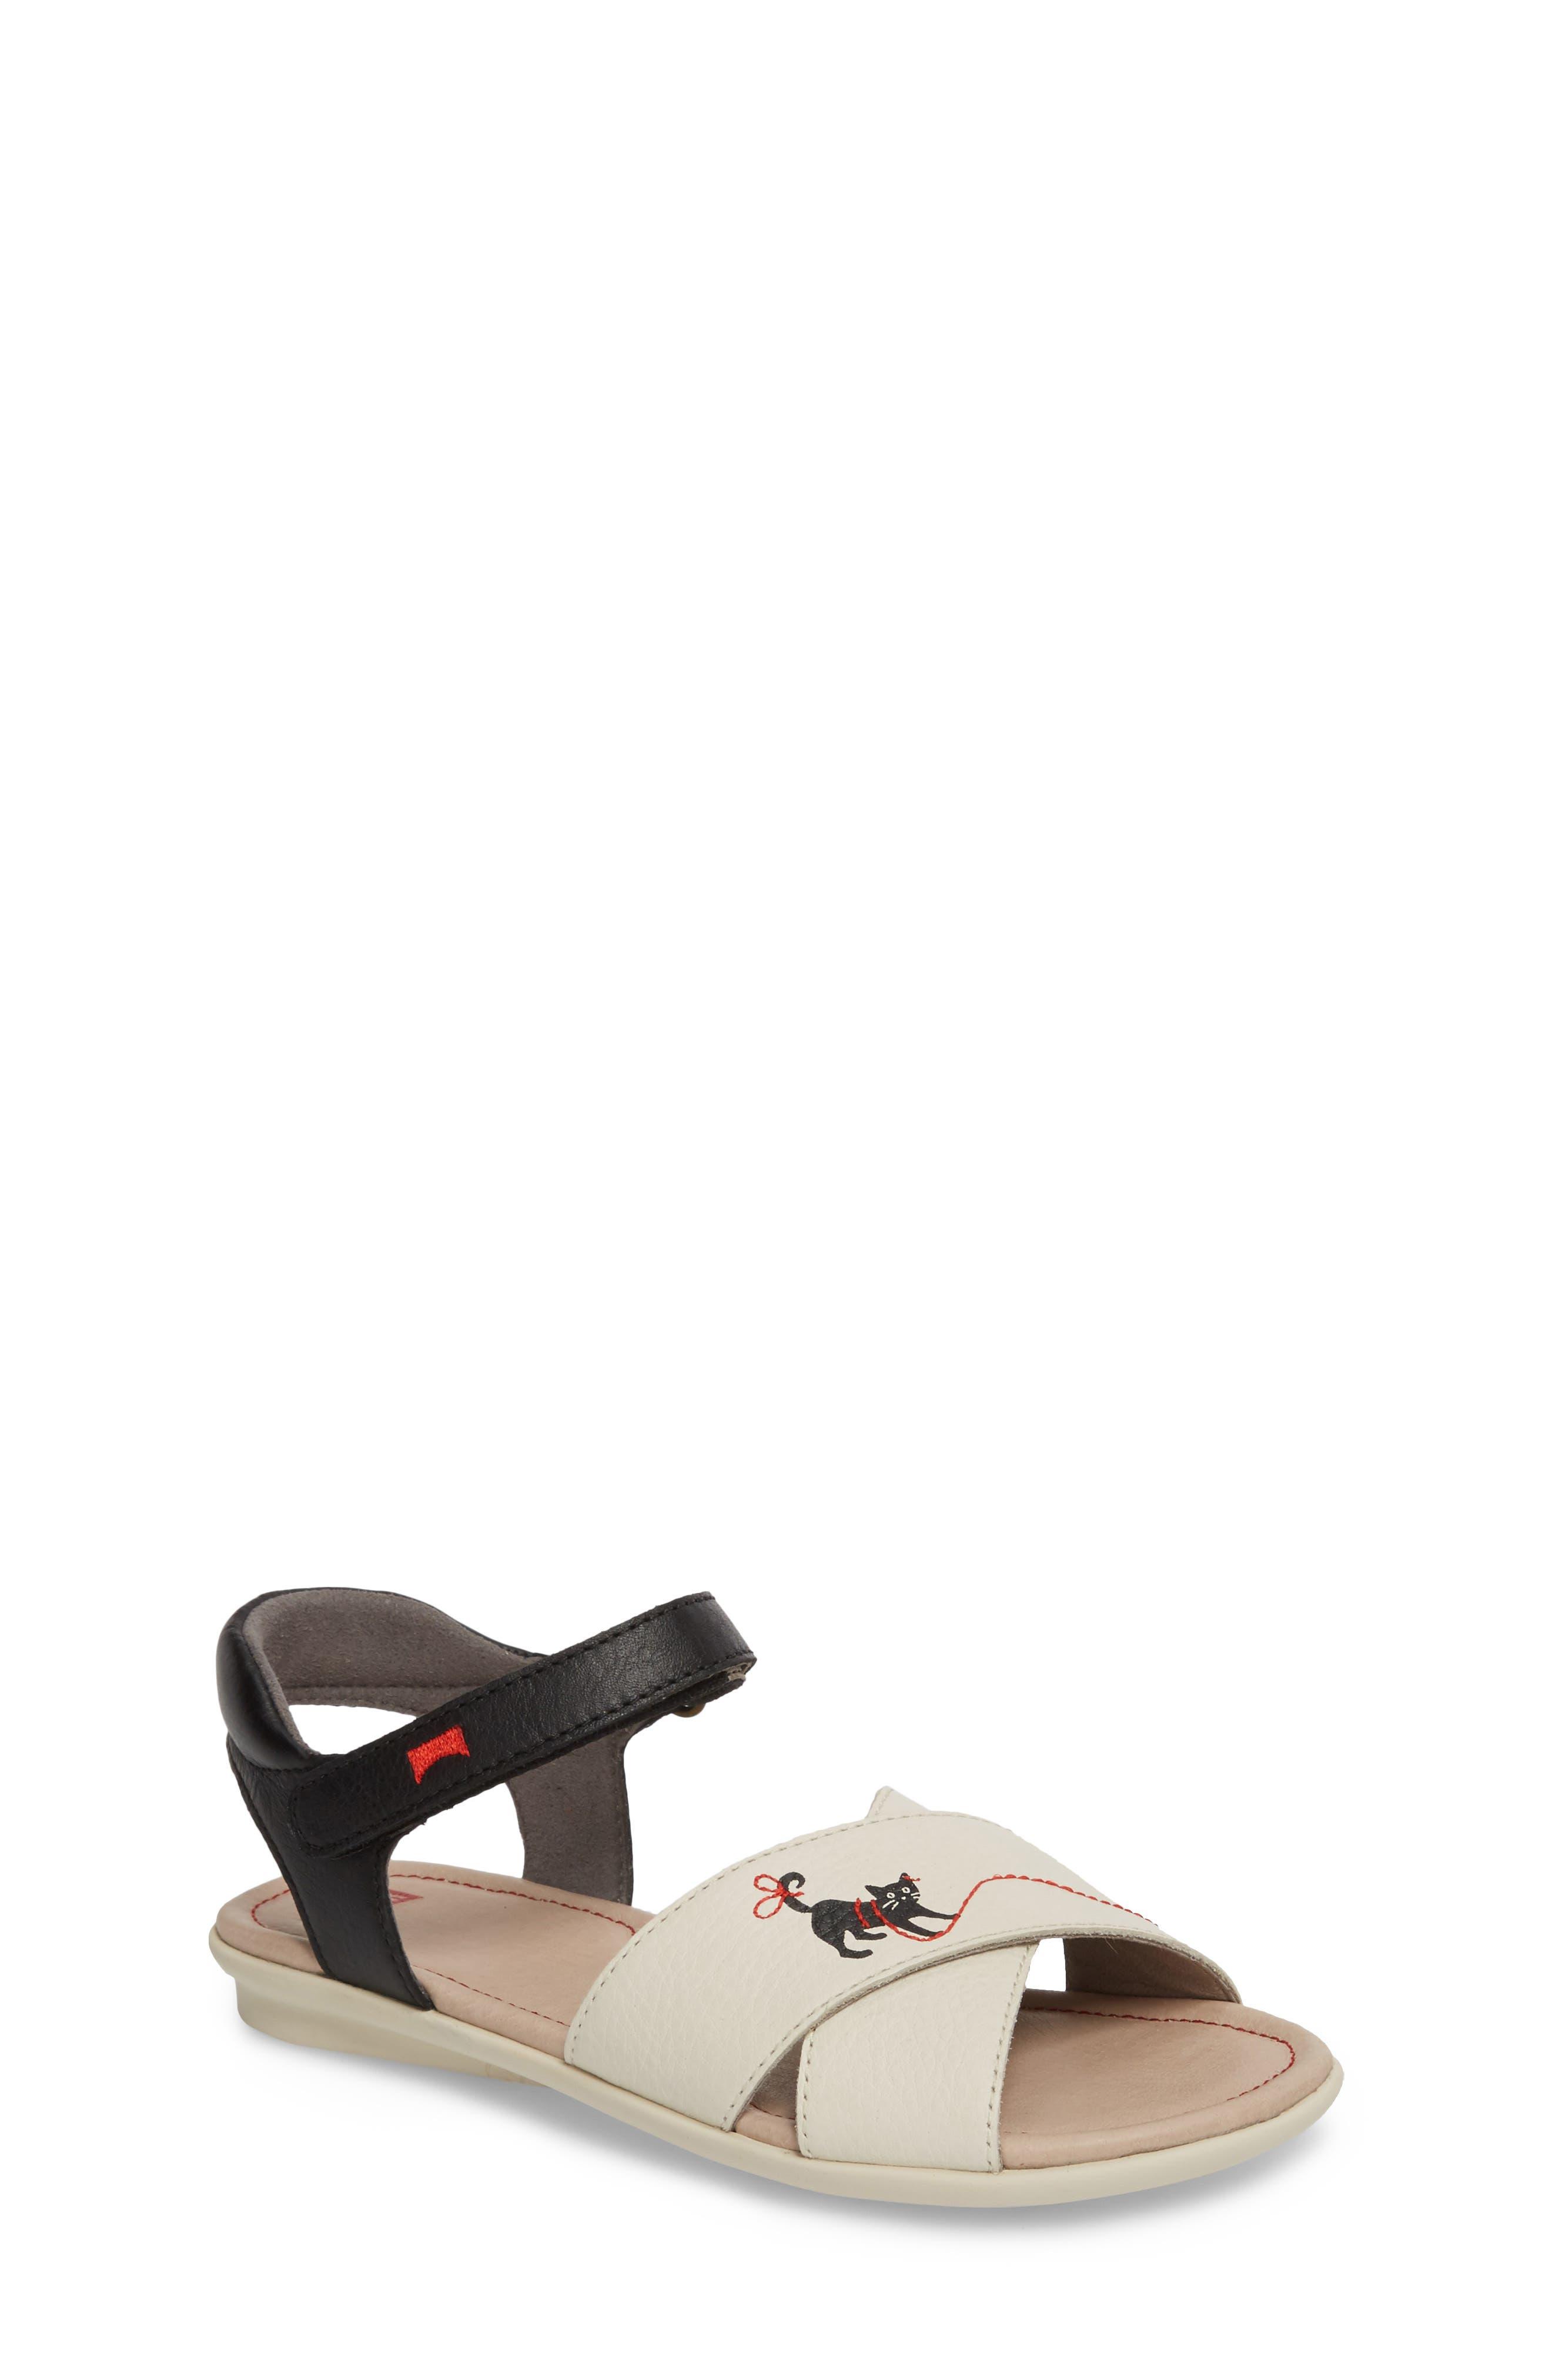 Twins Sandal,                             Main thumbnail 1, color,                             White Multi